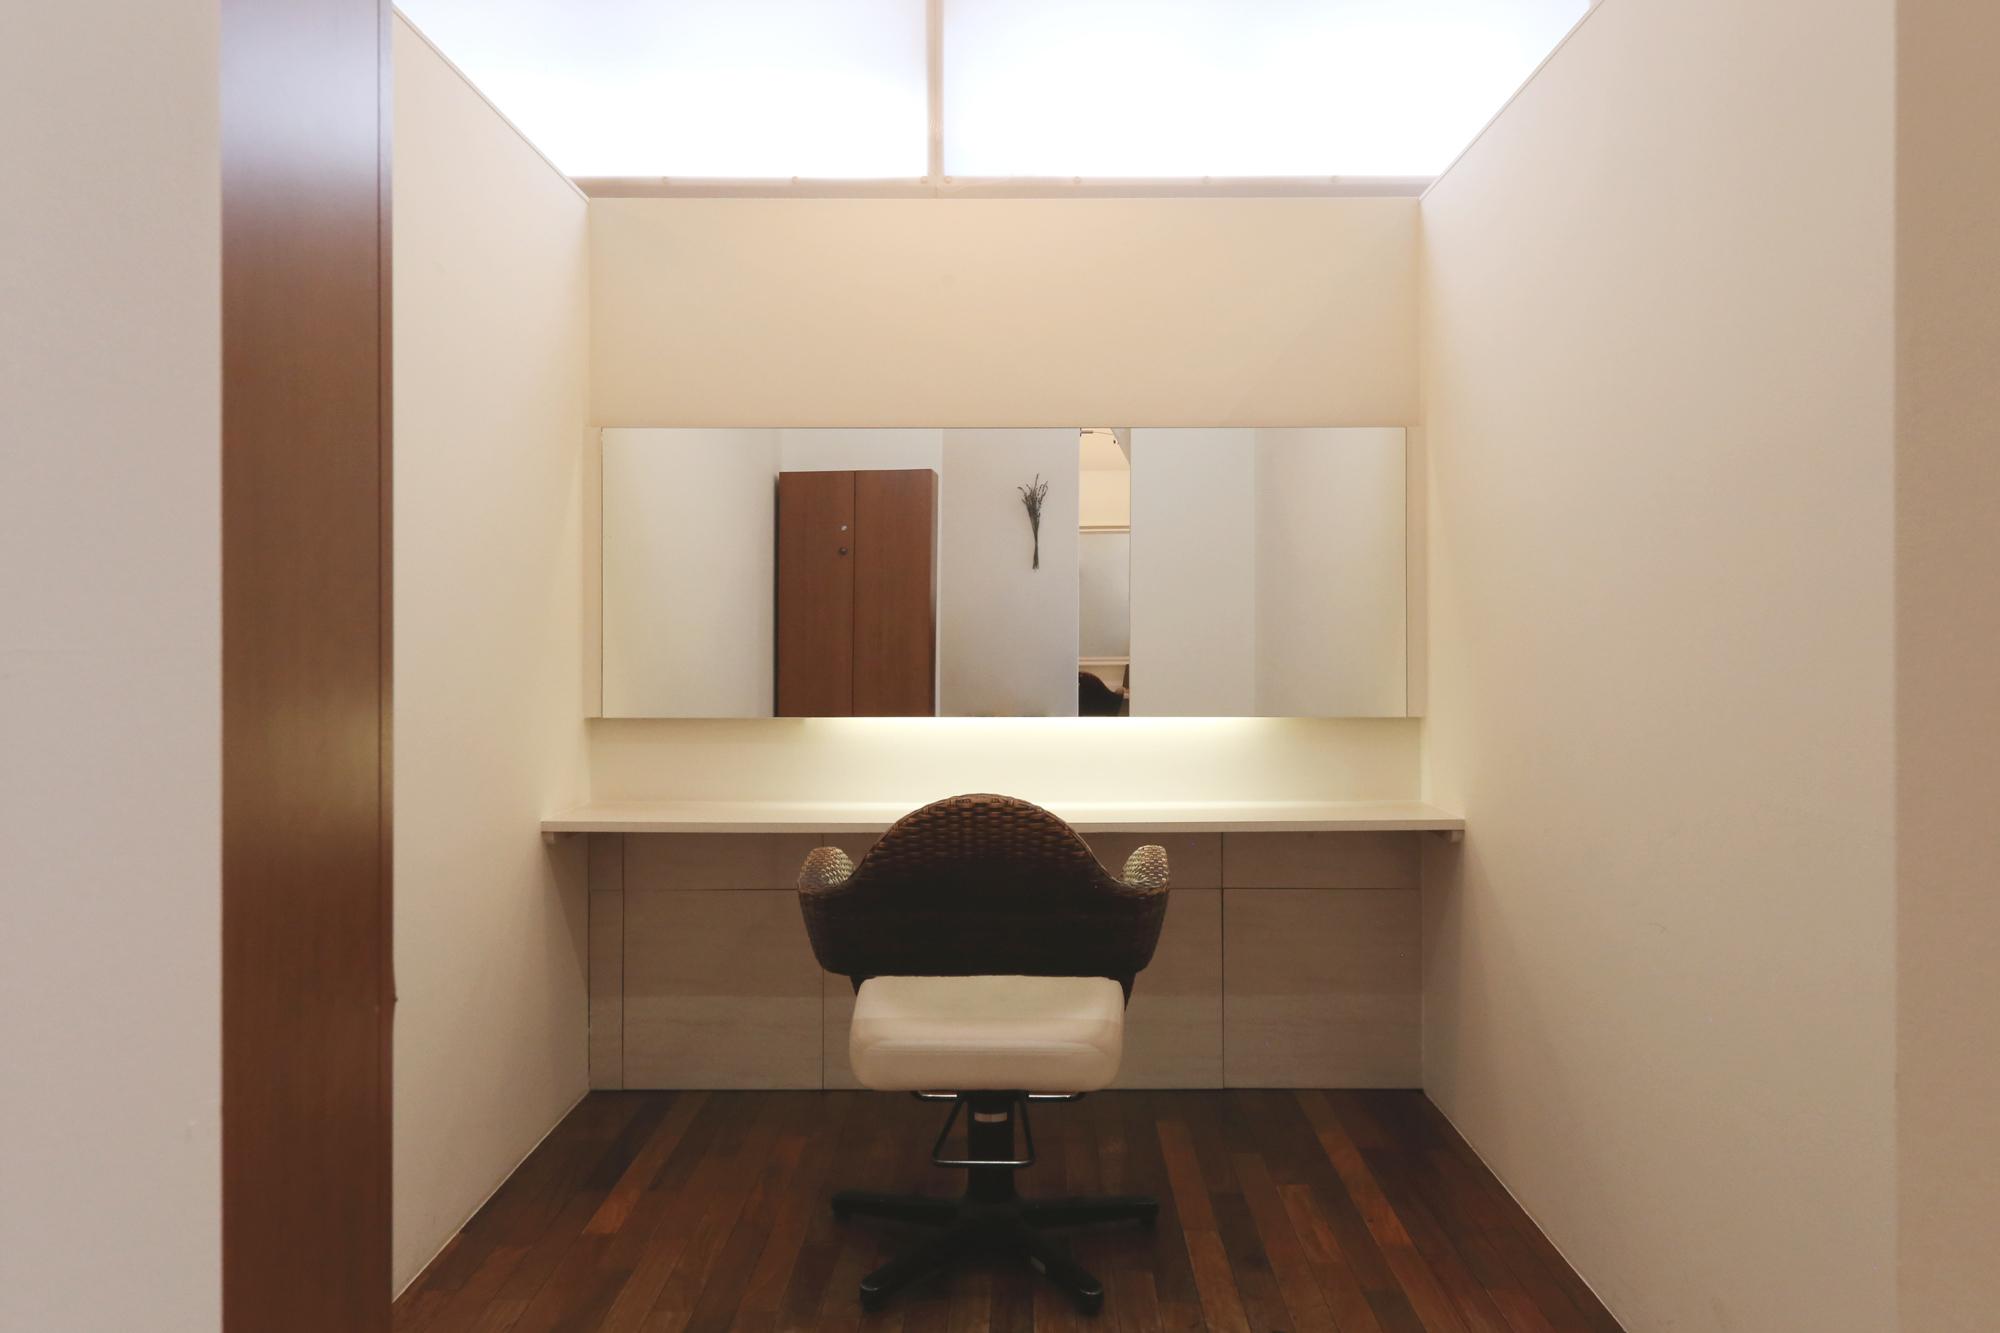 【全室個室】お客様との関係性を重視する上質サロン☆個室の通いやすさで圧倒的人気の美容室